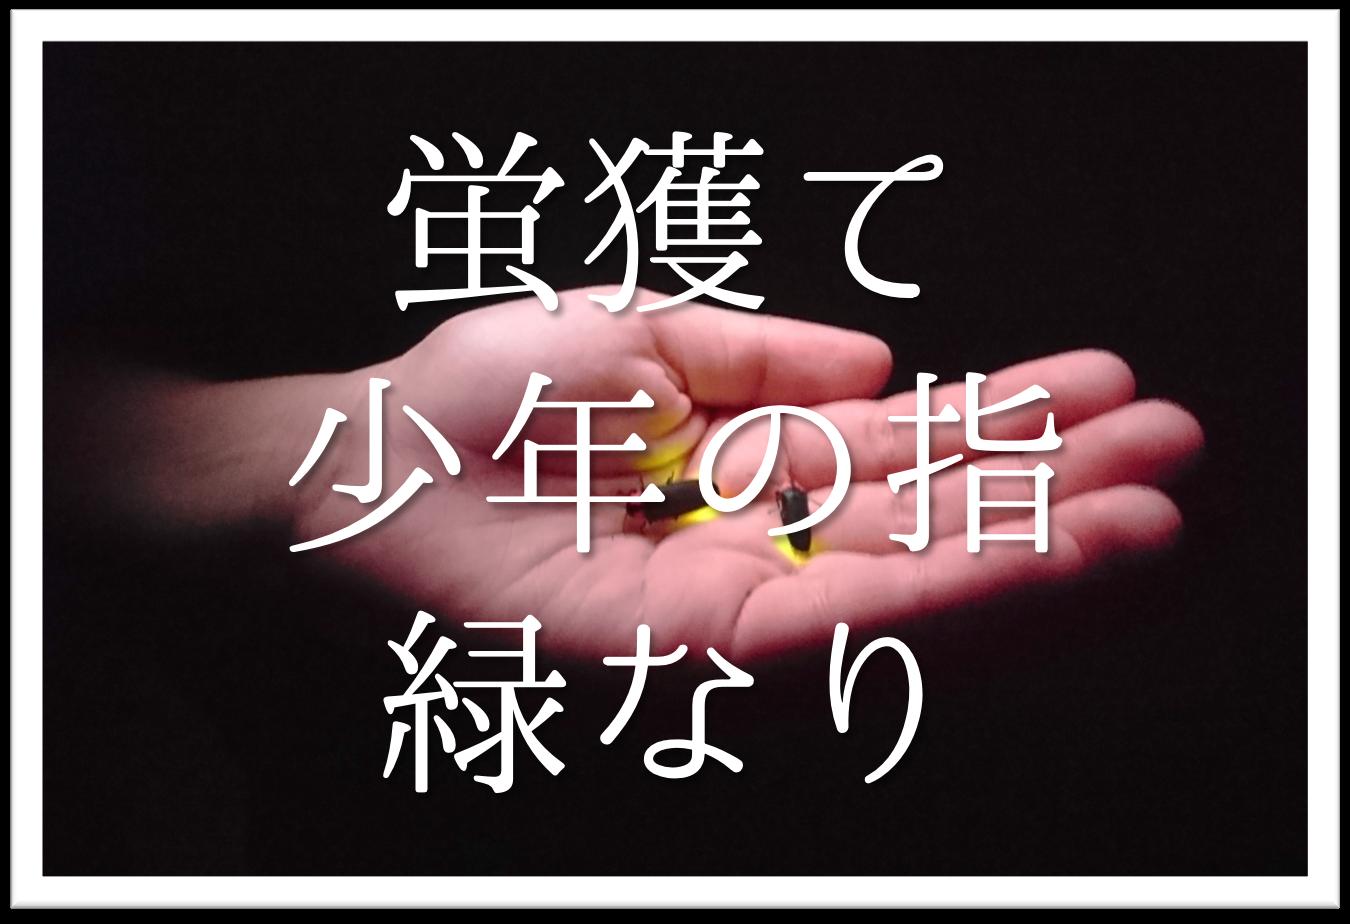 【蛍獲て少年の指緑なり】俳句の季語や意味・表現技法・鑑賞・作者など徹底解説!!